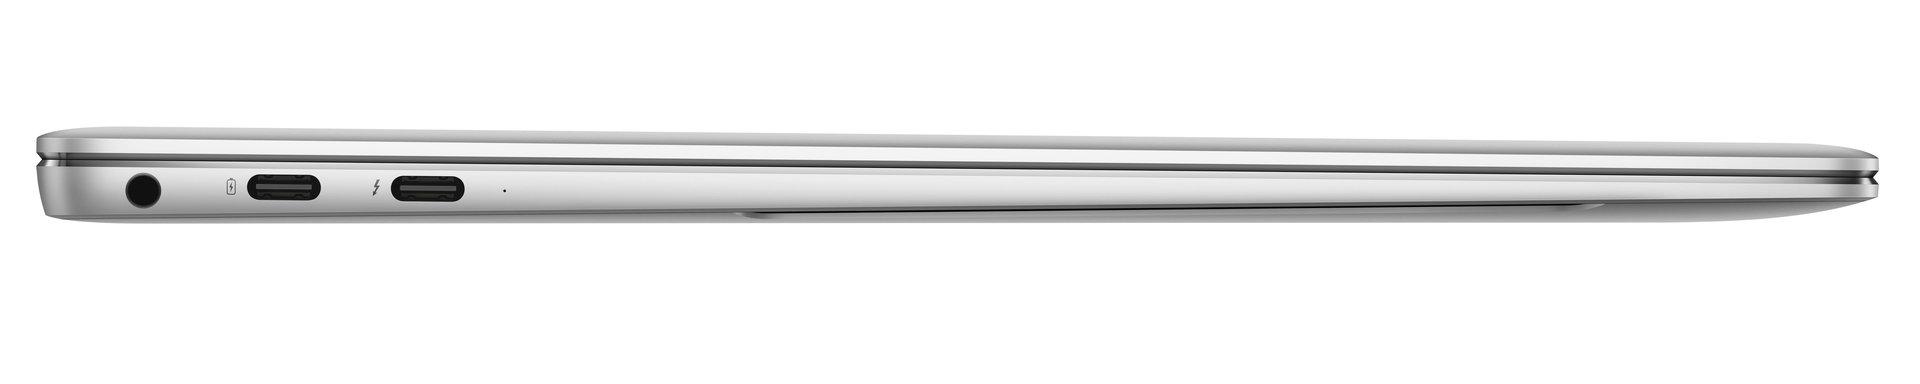 Klinke, USB Typ C (PowerDelivery) und Thunderbolt 3 rechts